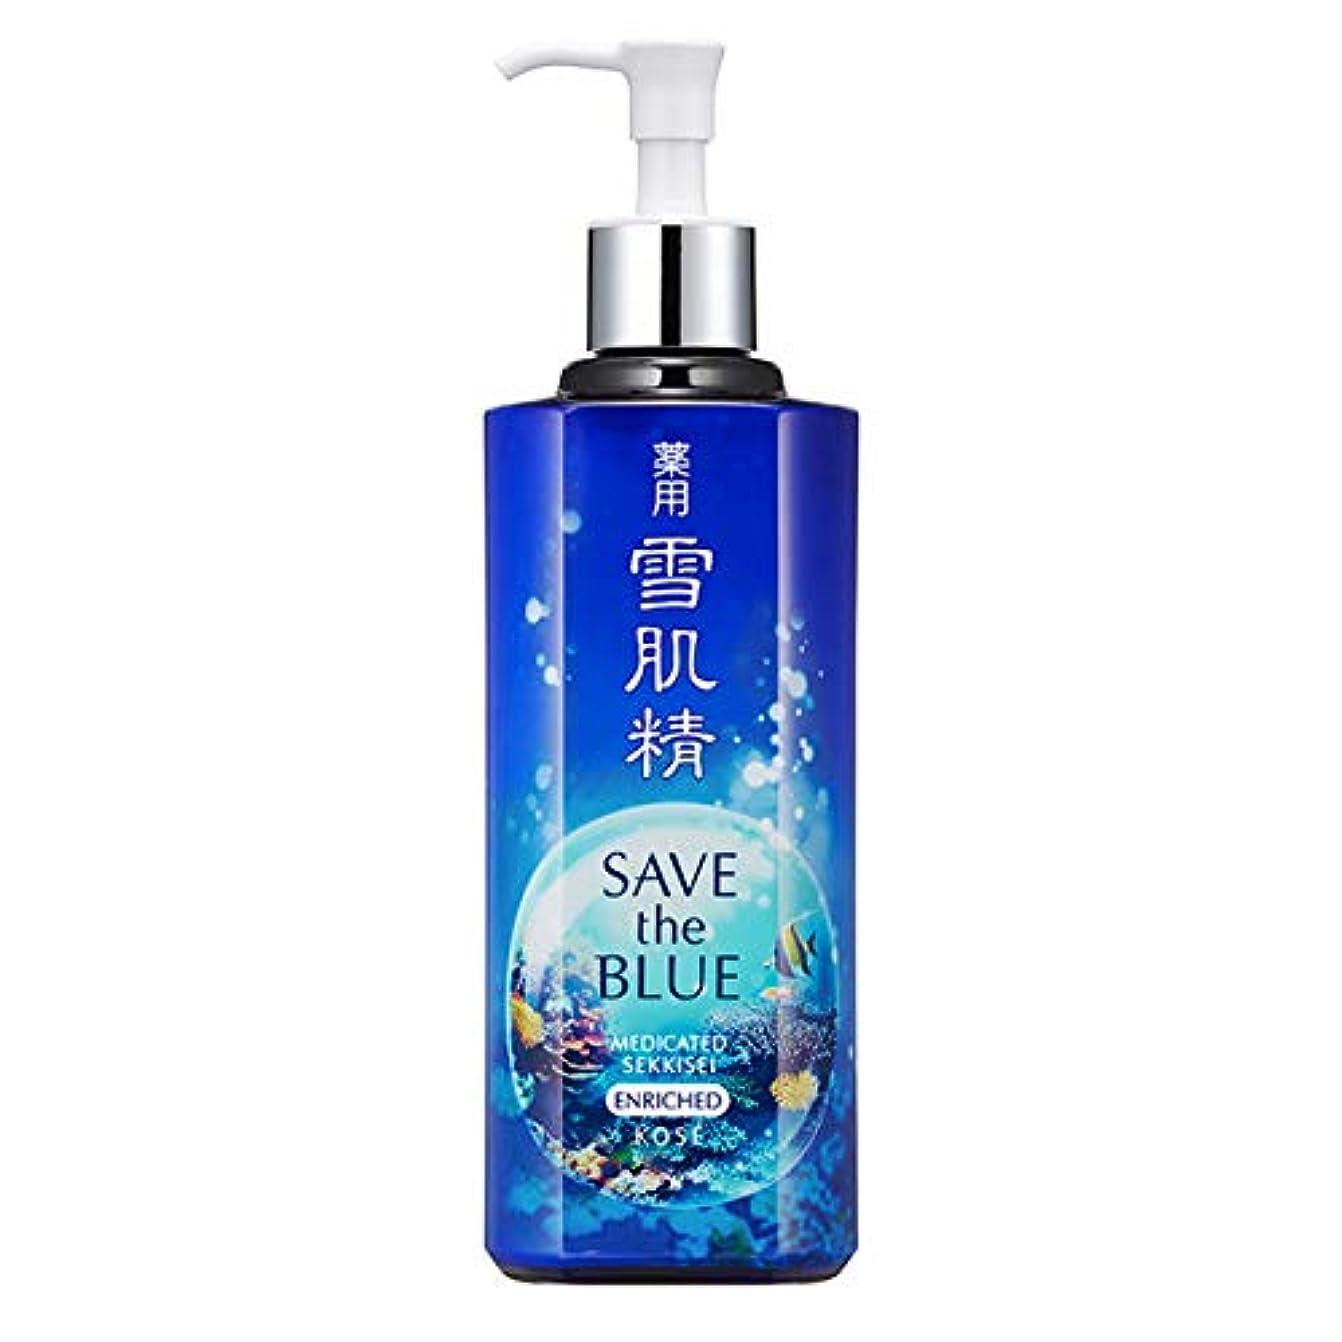 変更可能上向き上にコーセー 雪肌精 エンリッチ 「SAVE the BLUE」デザインボトル(しっとりタイプ) 500ml